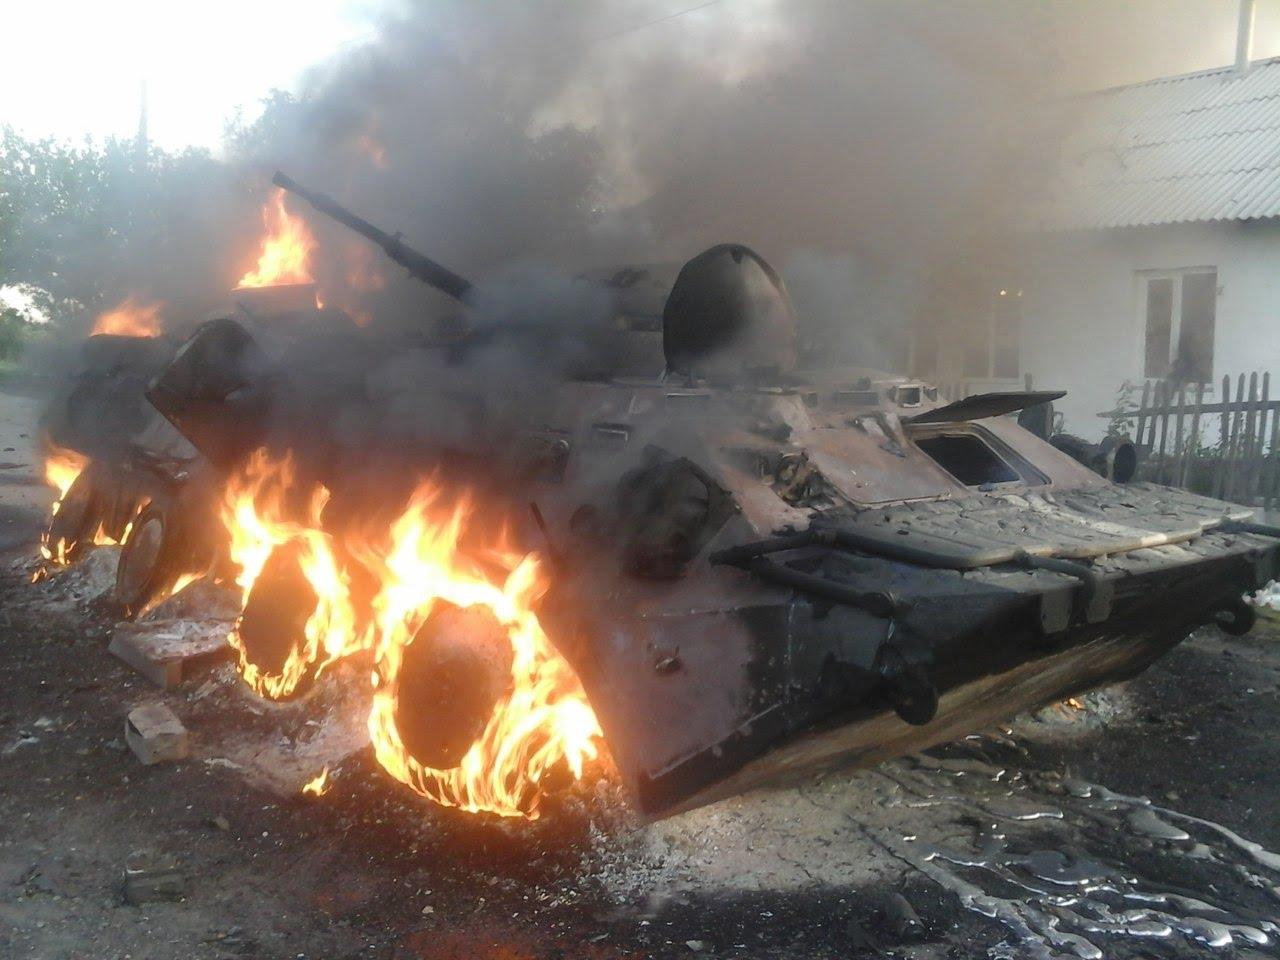 """Выследили и """"пригвоздили"""": стало известно, как именно ВСУ уничтожили БМП террористов на Светлодарской дуге. Солдат представят к наградам"""